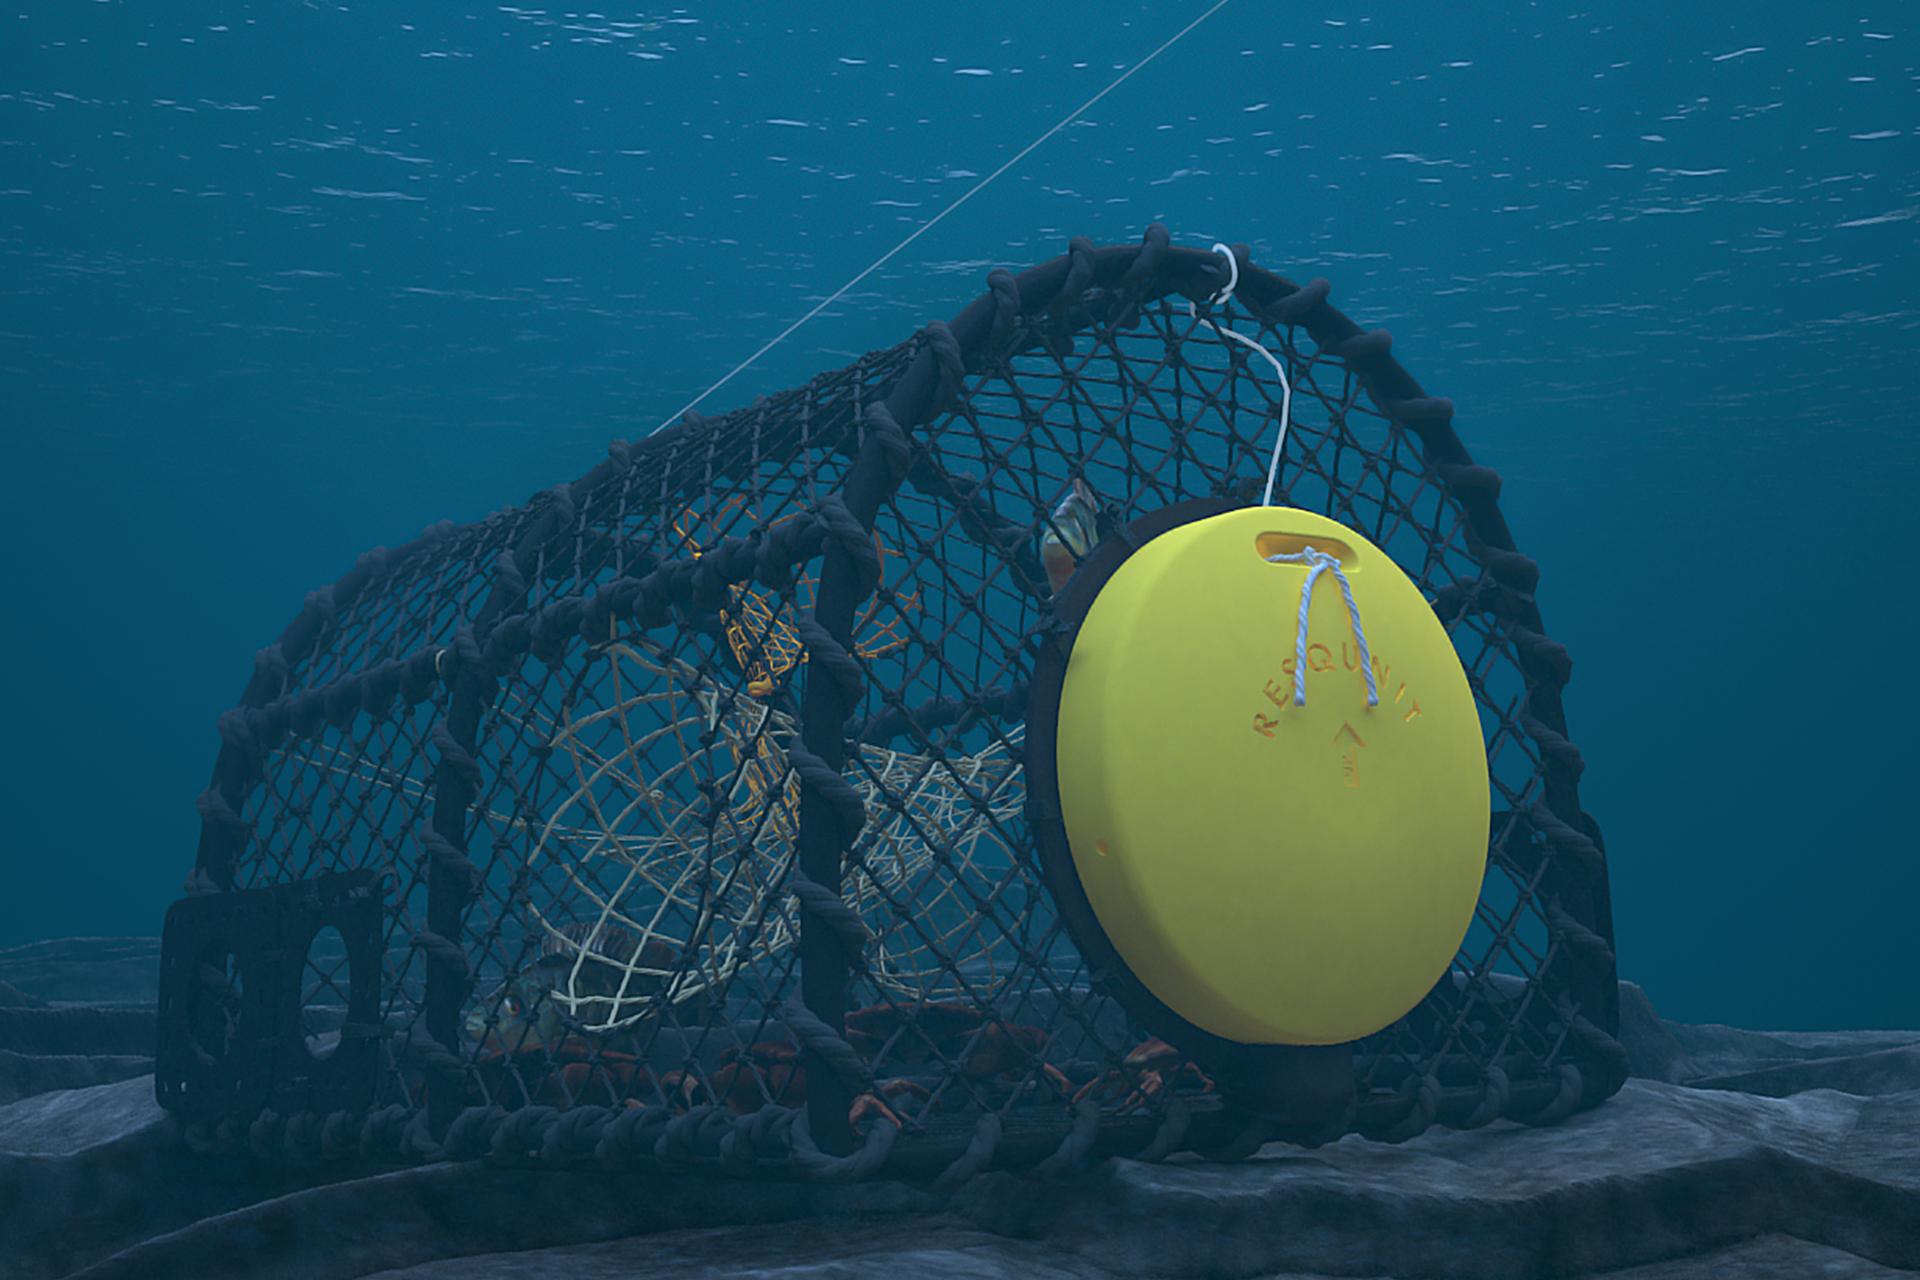 Flottør festet på fiskeredskap under vann